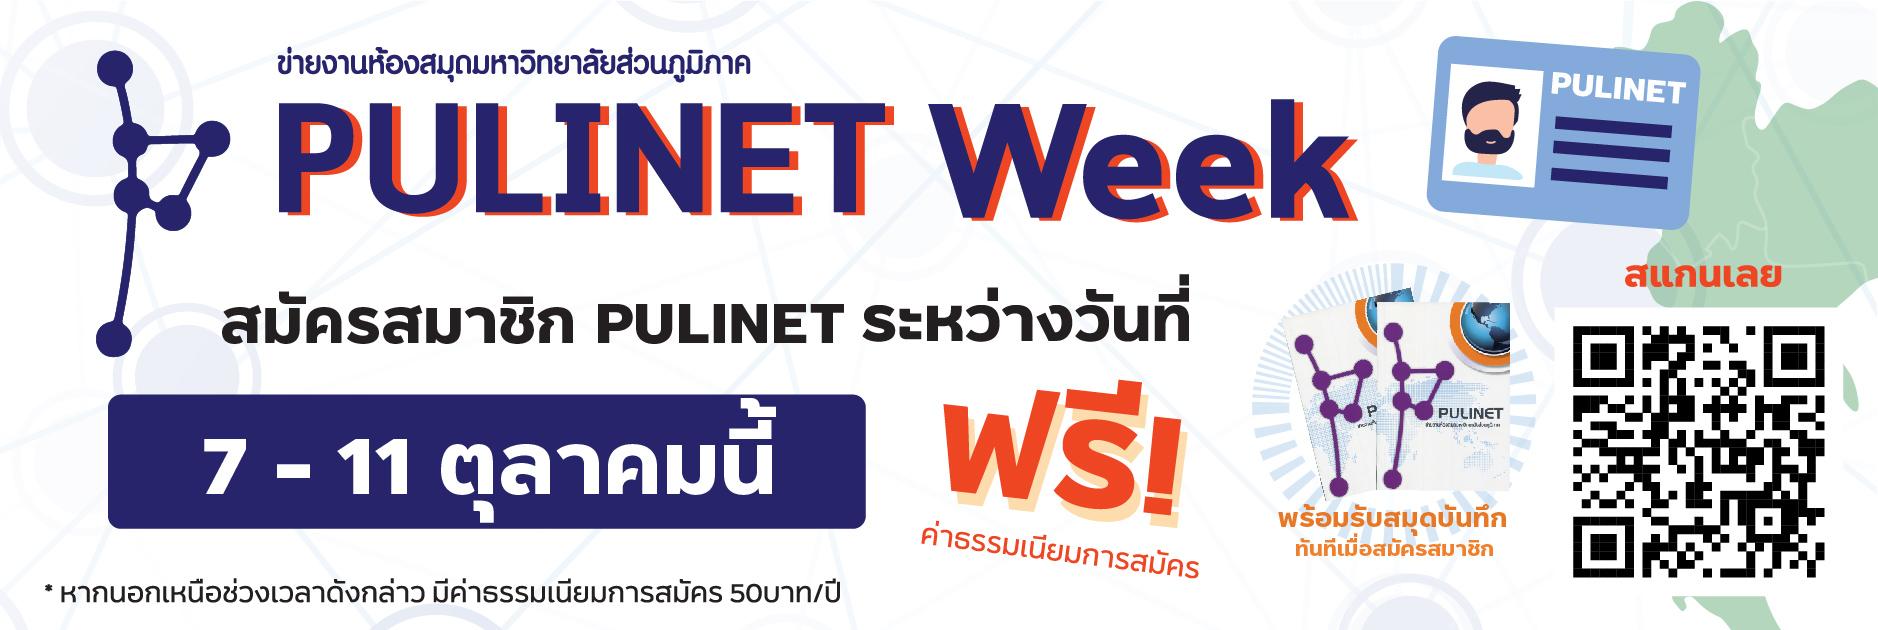 ขยายเวลาเพิ่ม PULINET Week 7 - 18 ต.ค. 2562 นี้  (สมัครฟรี เพียงสัปดาห์เดียวเท่านั้น)